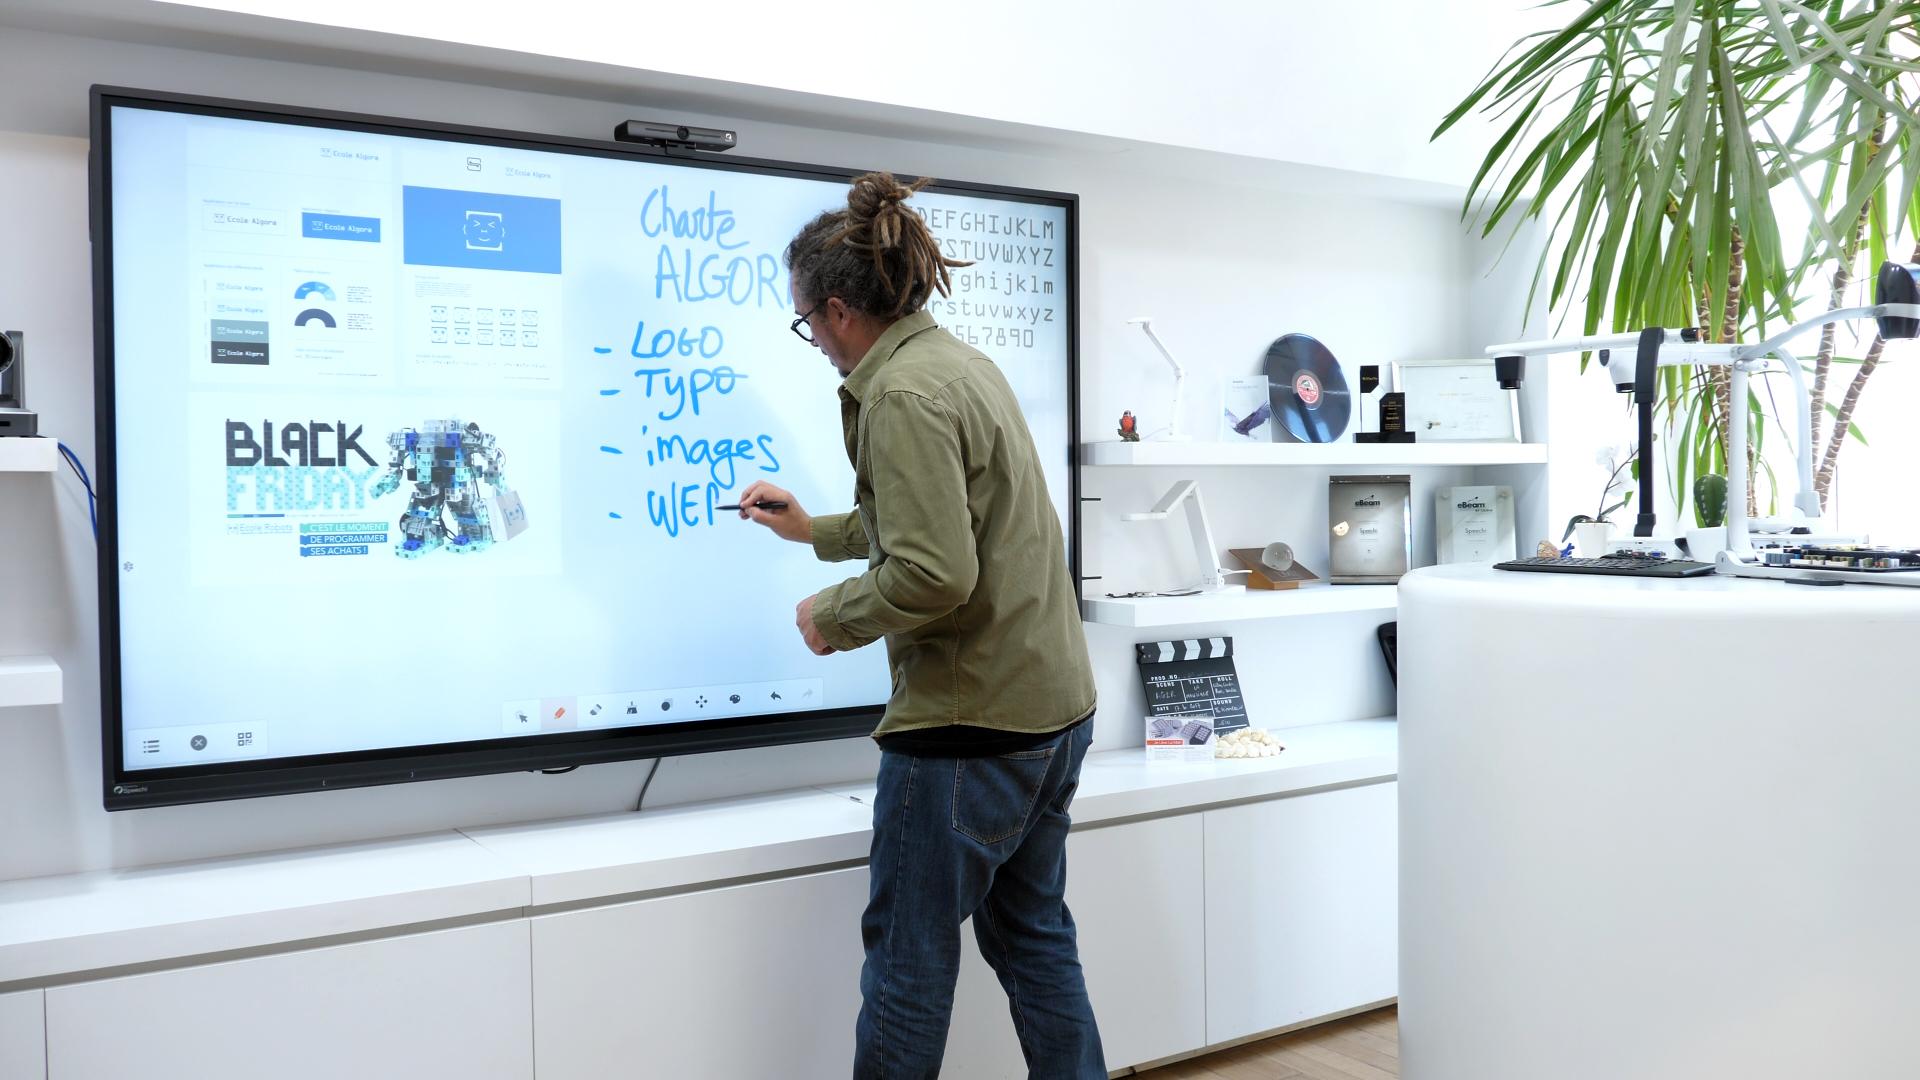 écran interactif pour directeur artistique